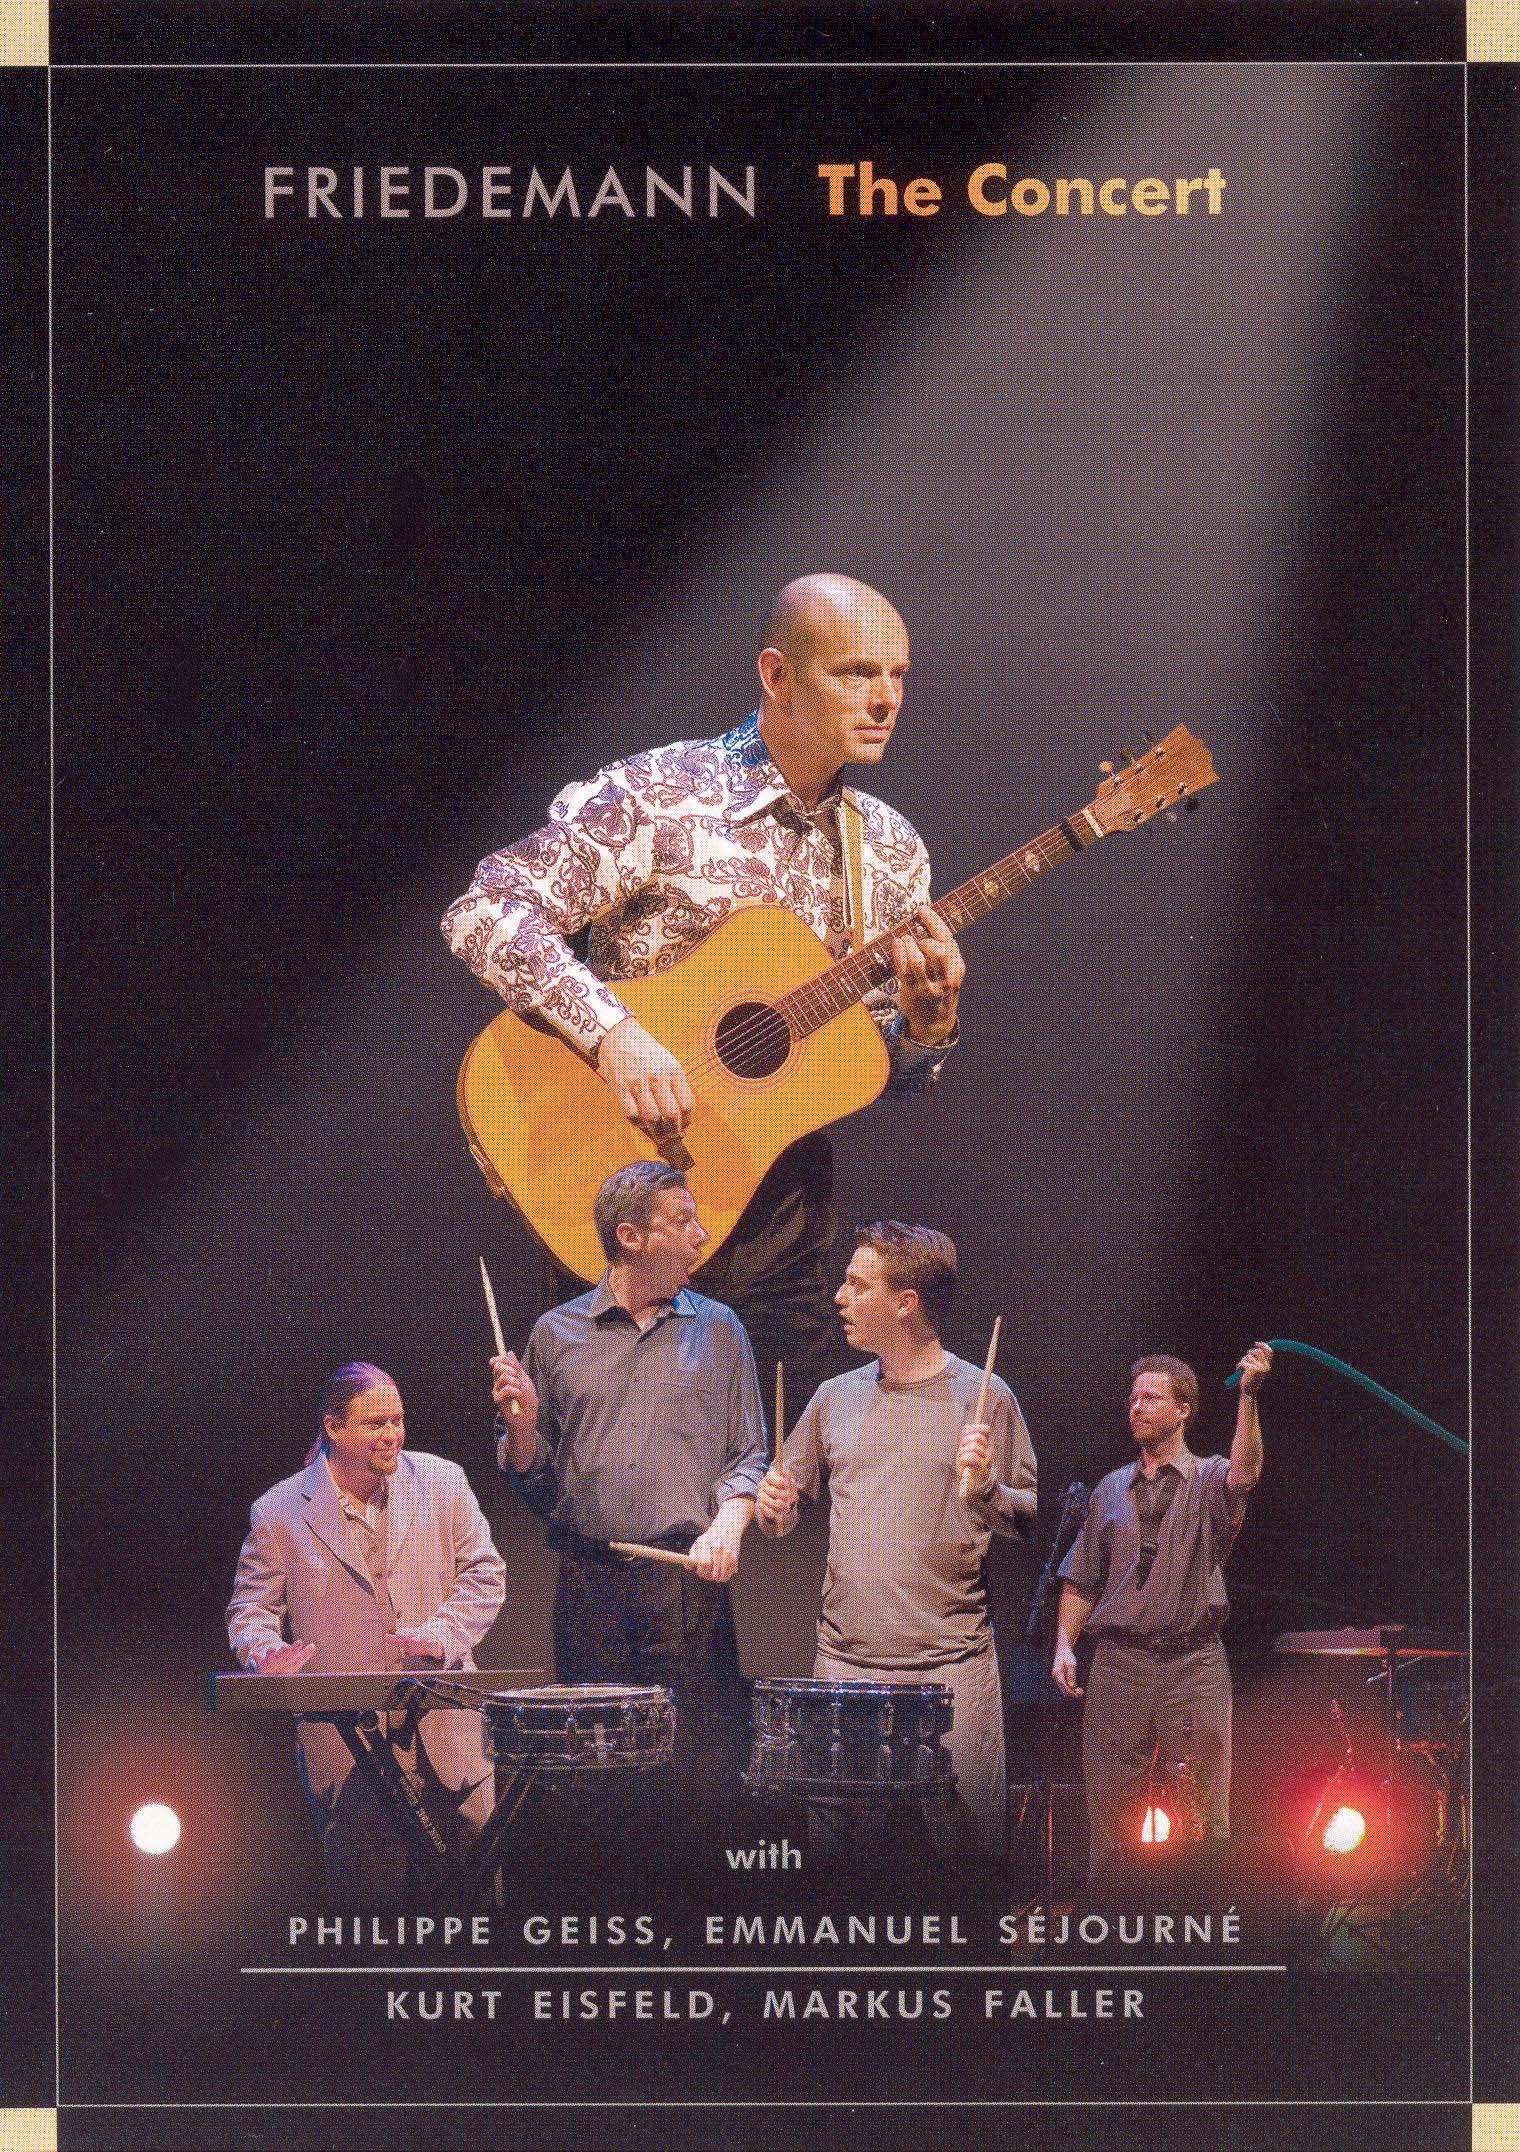 Friedemann: The Concert